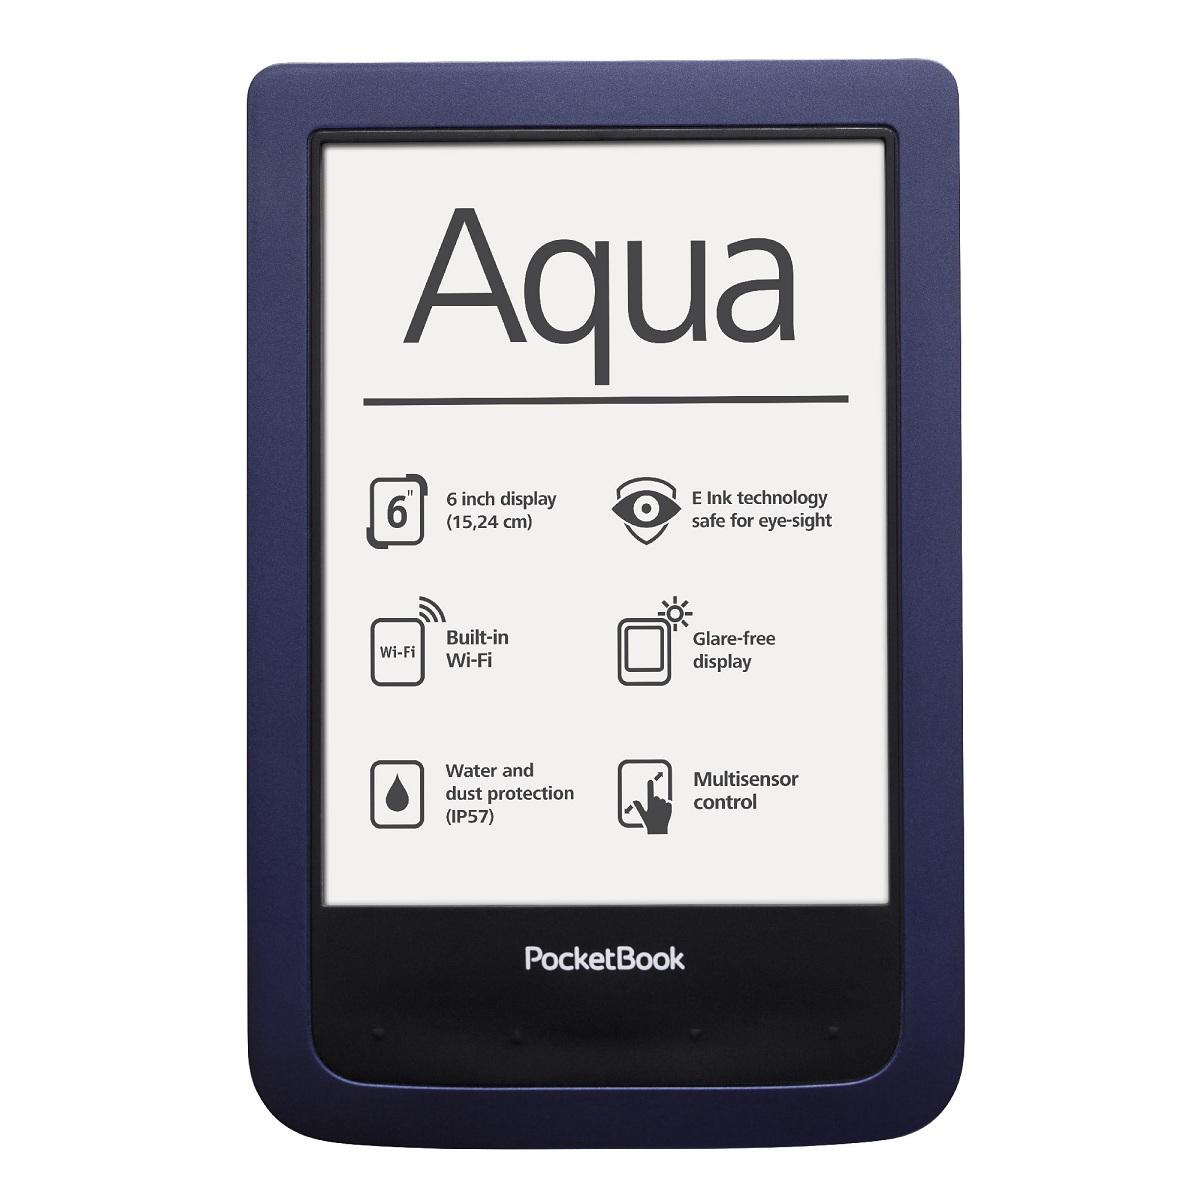 Os presentamos el PocketBook Aqua, el nuevo lector de libros electrónicos de la tecnológica suiza que destaca entre otras cosas por su resistencia y durabilidad.